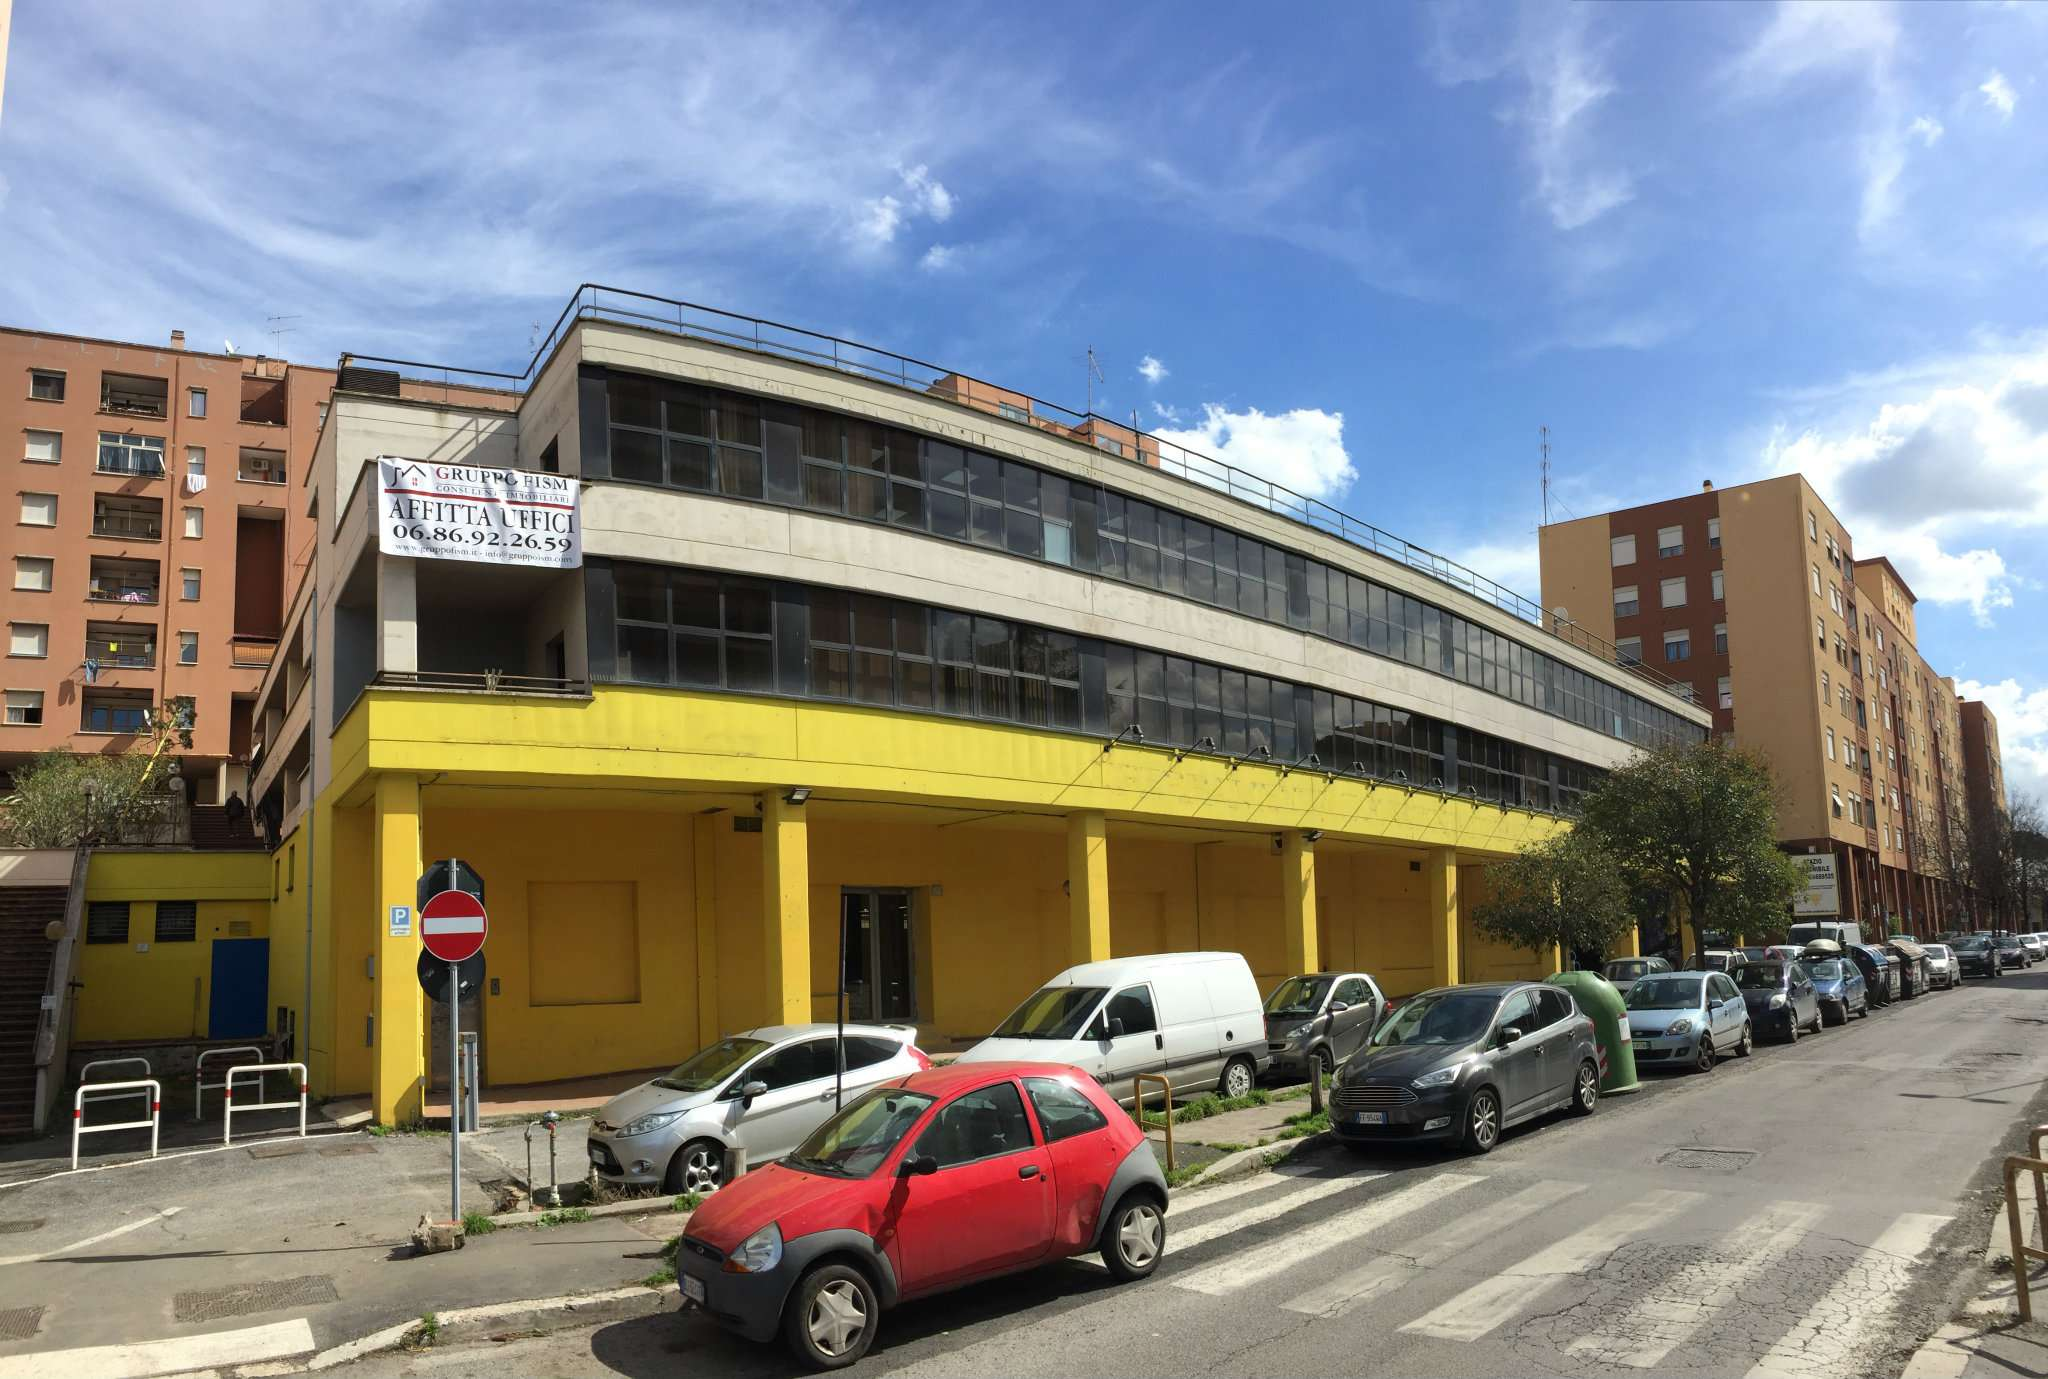 Ufficio studio roma affitto zona 6 nuovo for Studio affitto roma